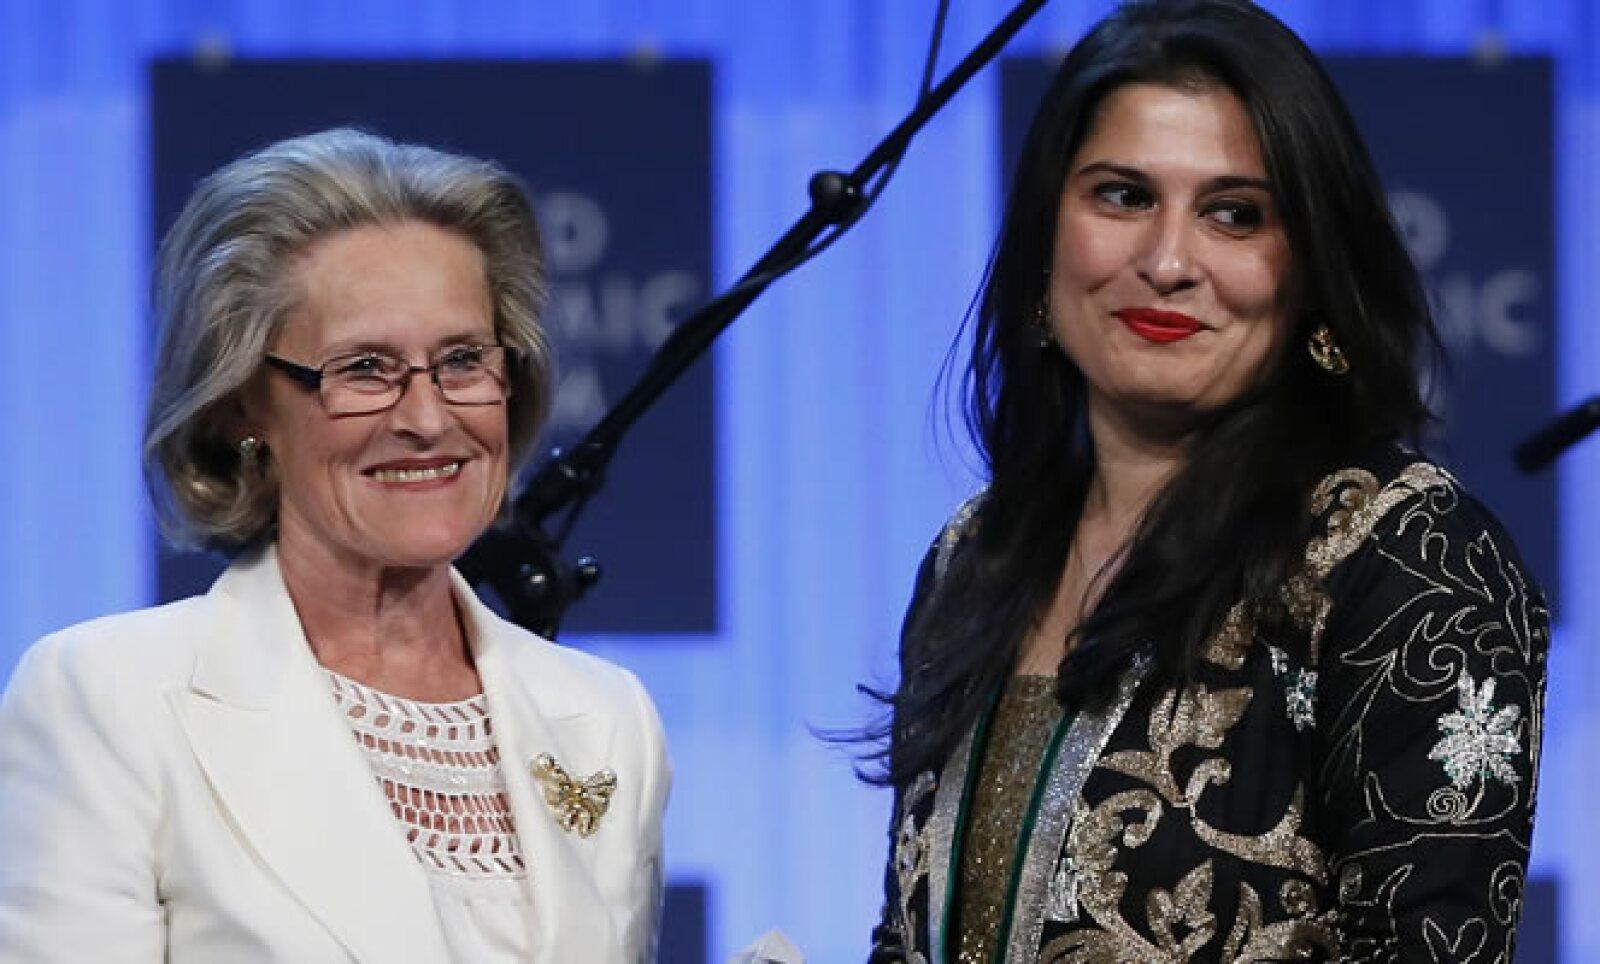 La periodista y cineasta Sharmeen Obaid-Chinoy (d) de Pakistán recibió el Premio Crystal de por parte de Hilde Schwab, presidenta y cofundadora de la Fundación Schwab para el Emprendimiento Social.